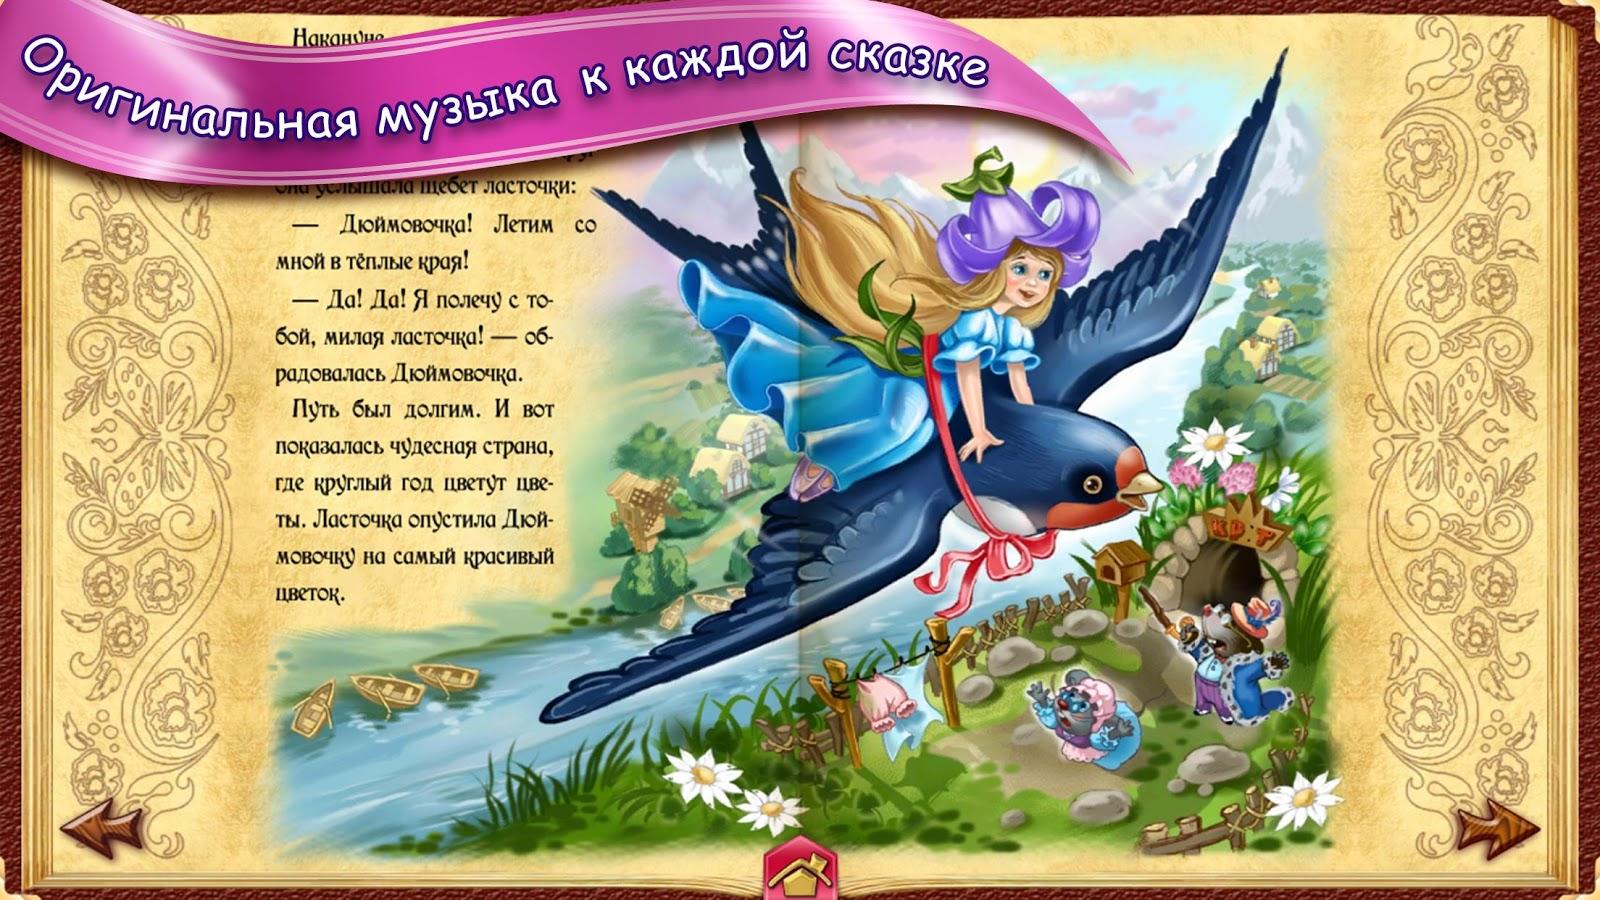 сказки для детей картинки